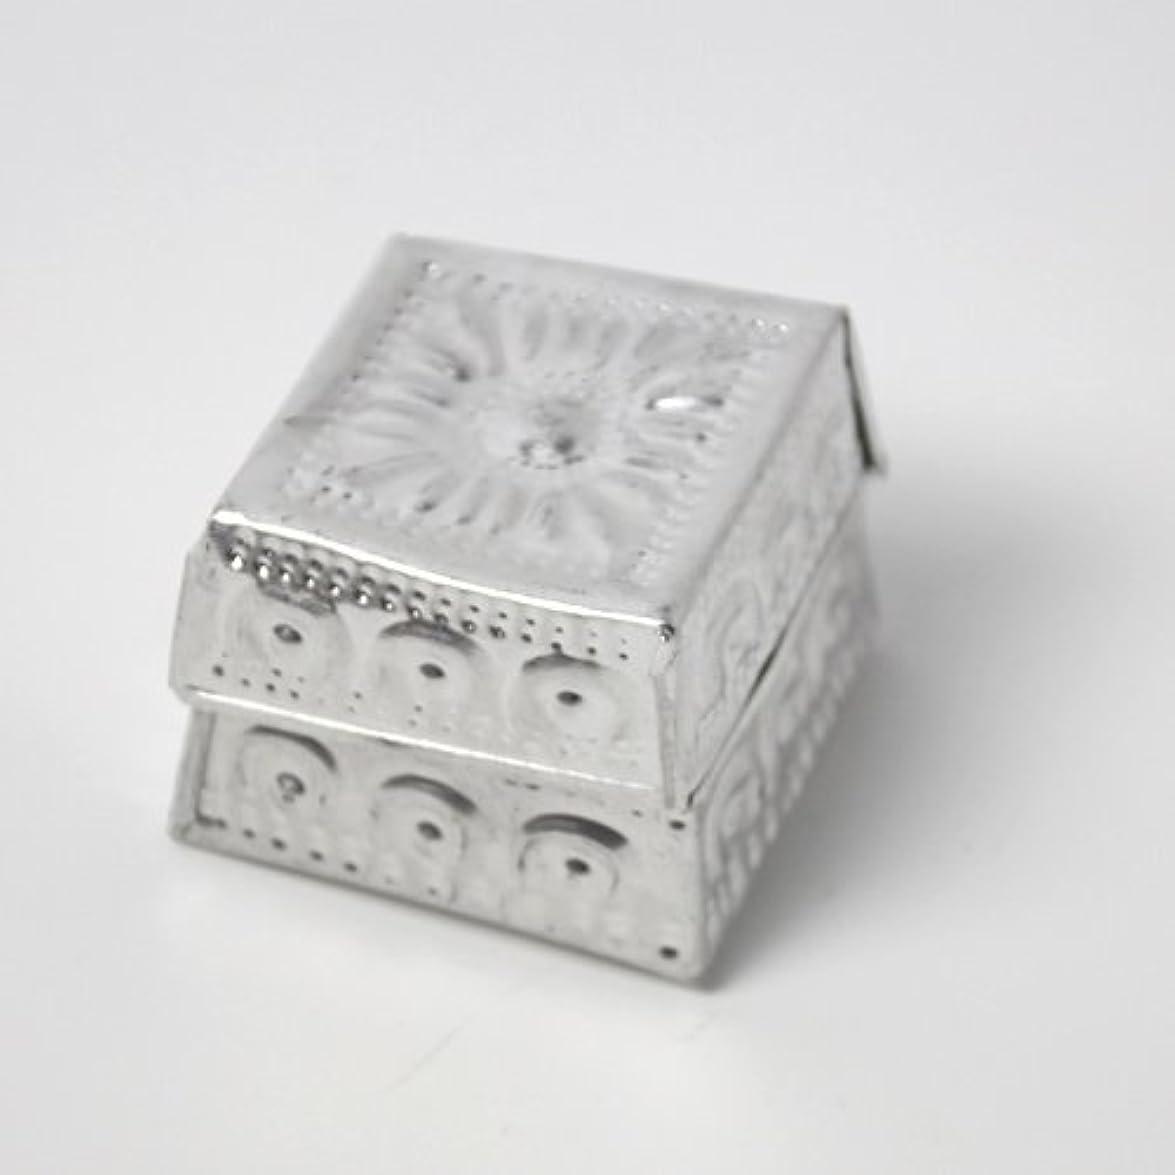 接尾辞スタウト重荷アルミアートのボックスにはいったアロマキャンドル?四角